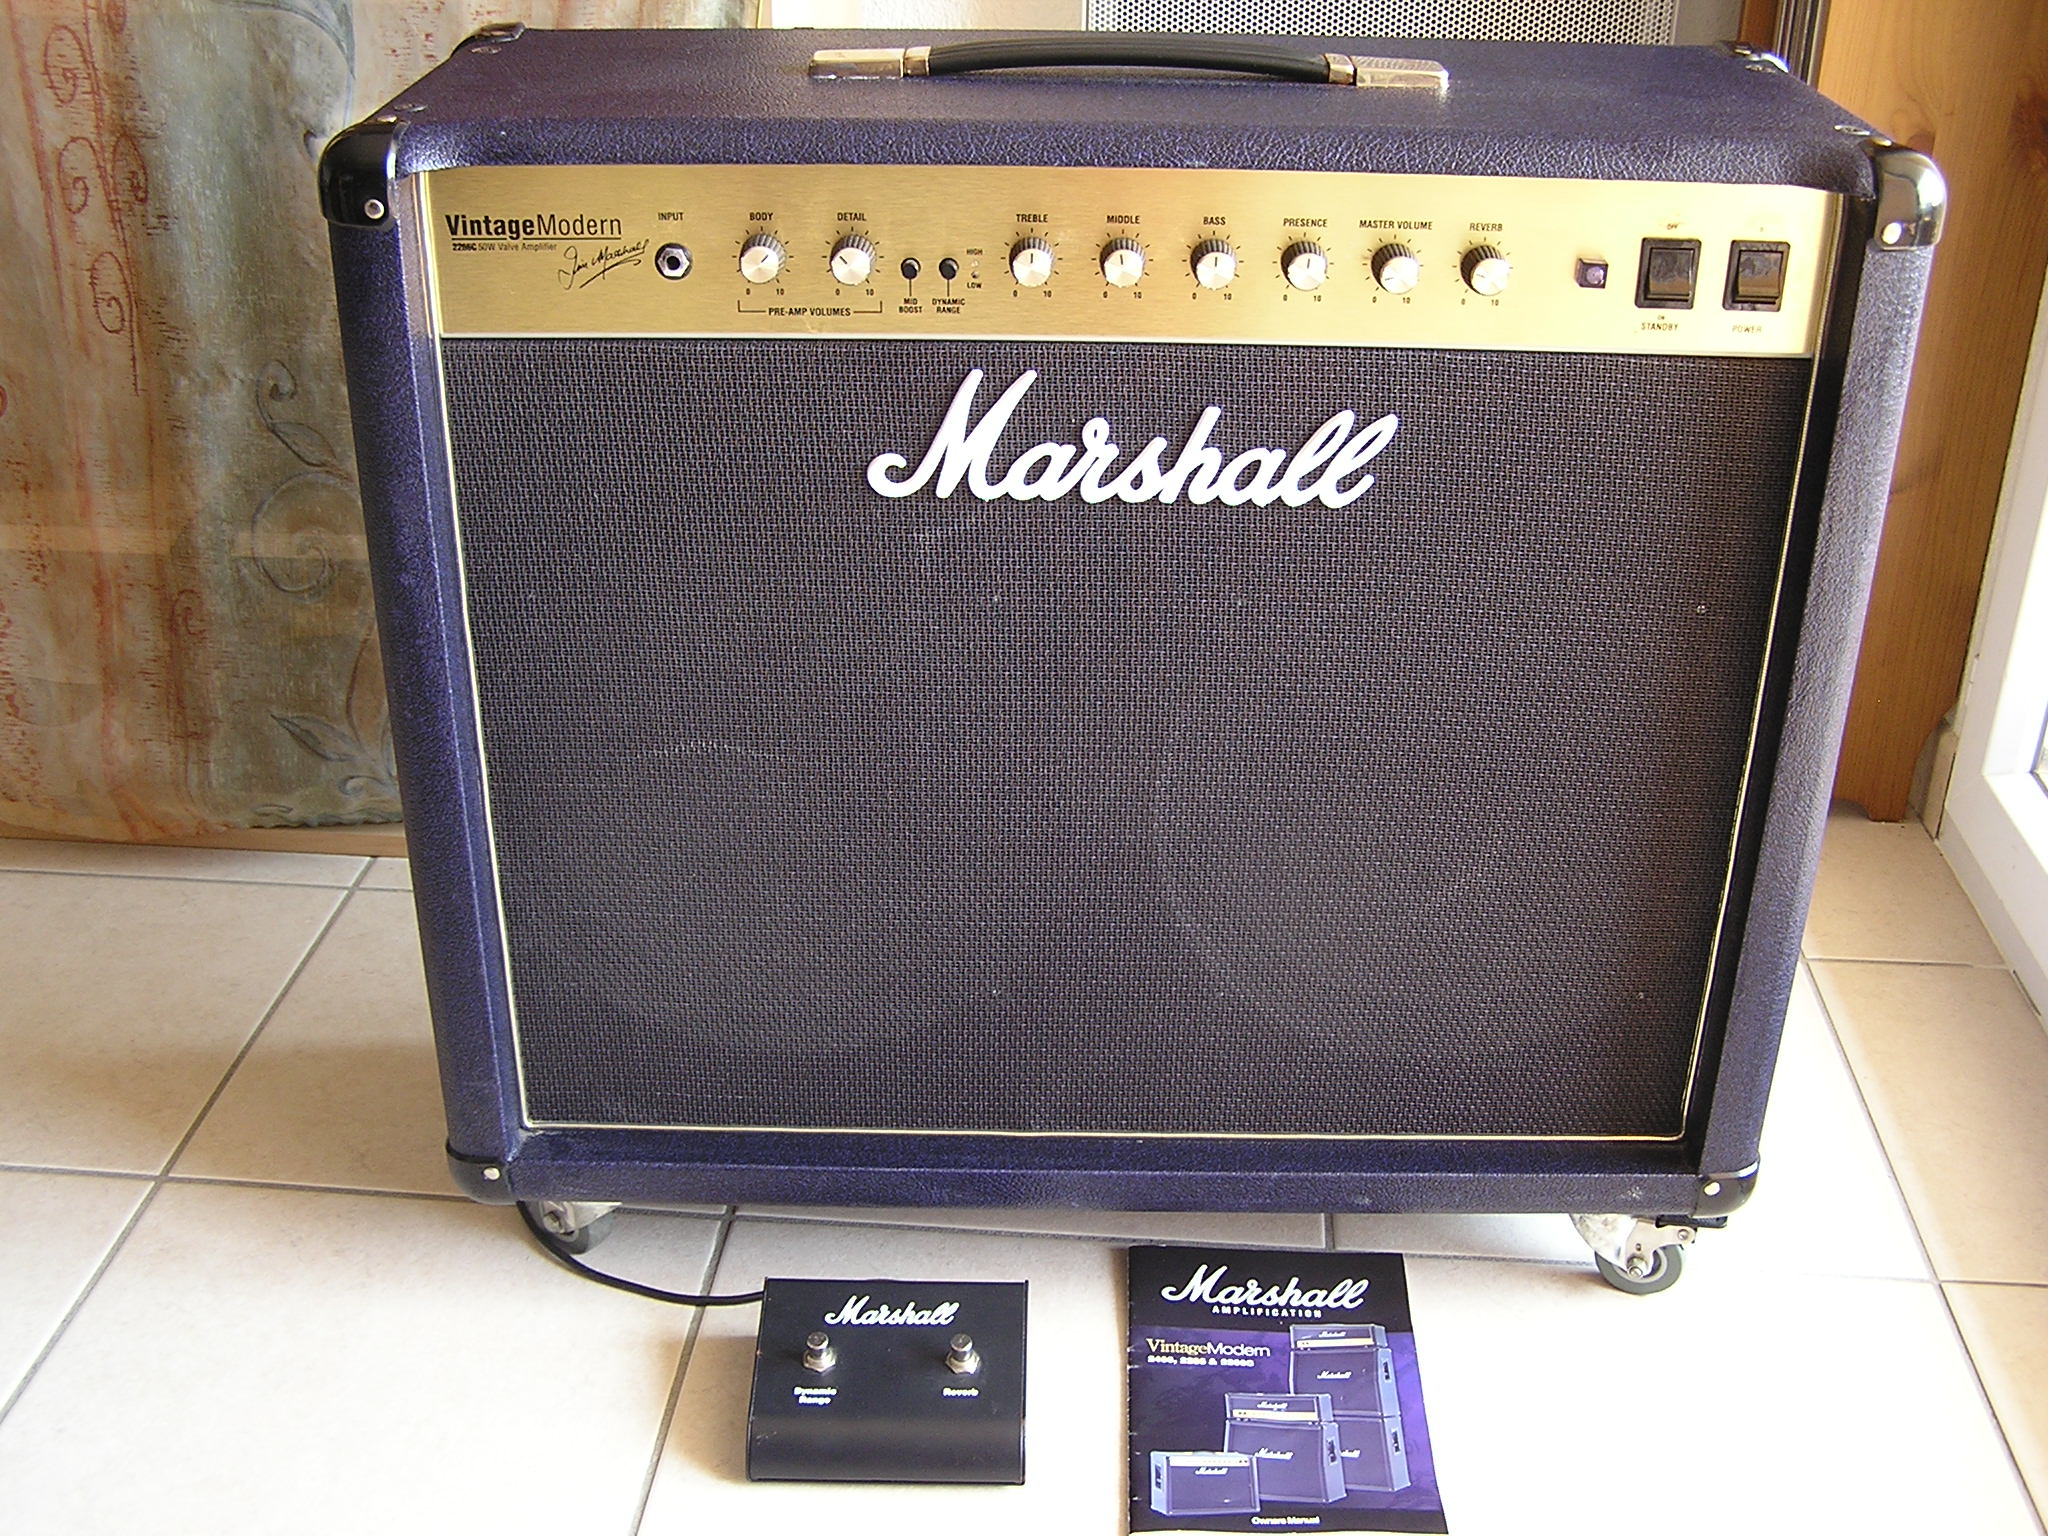 Marshall Vintage Modern Amp 116